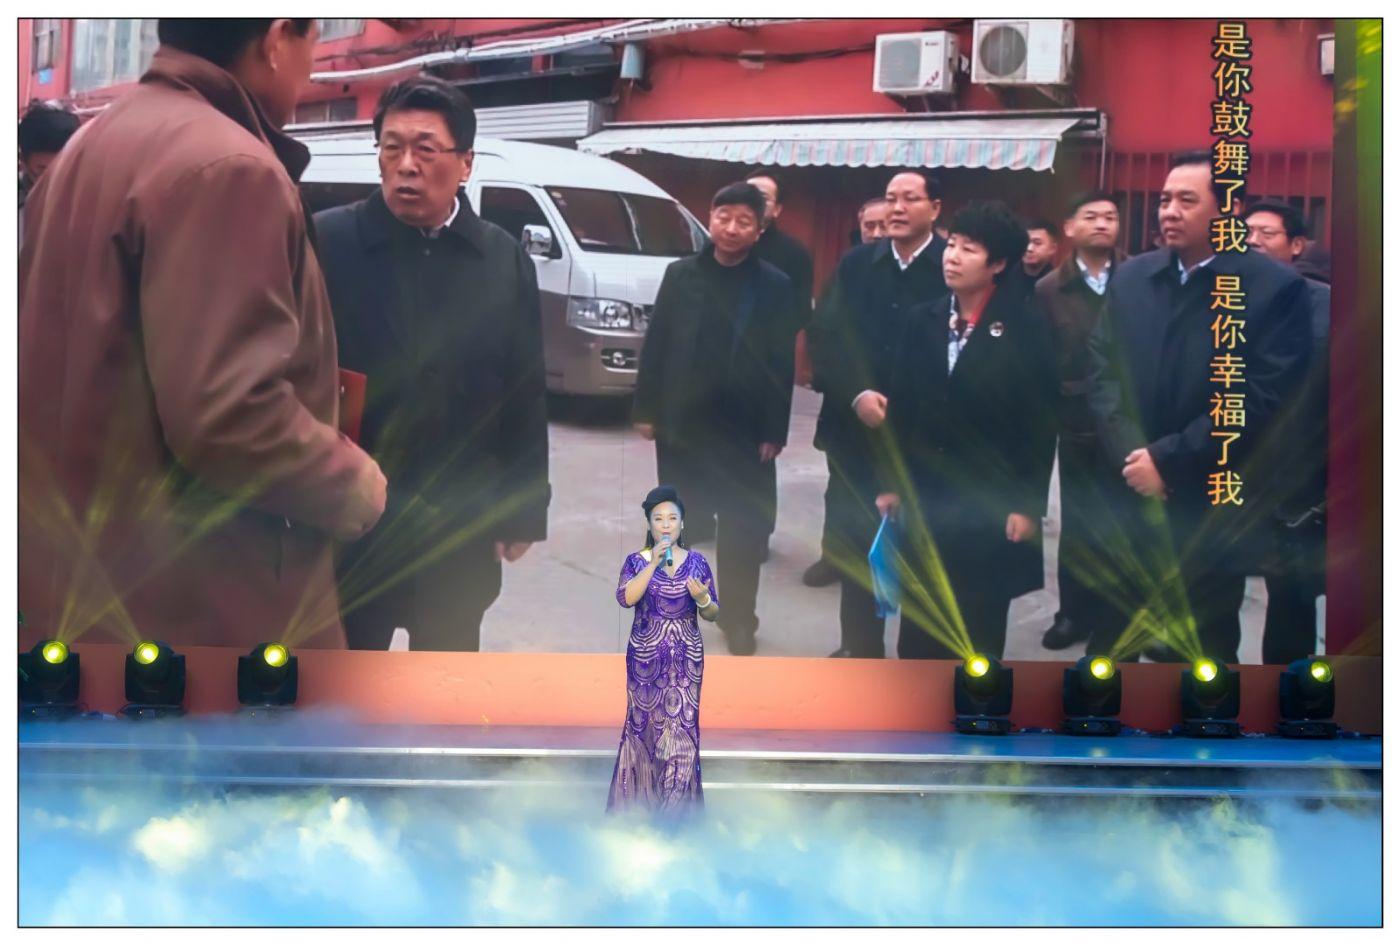 临沂姑娘杨妮妮曾感动春晚总动员 今晚在临沂电视台大放异彩 ..._图1-6